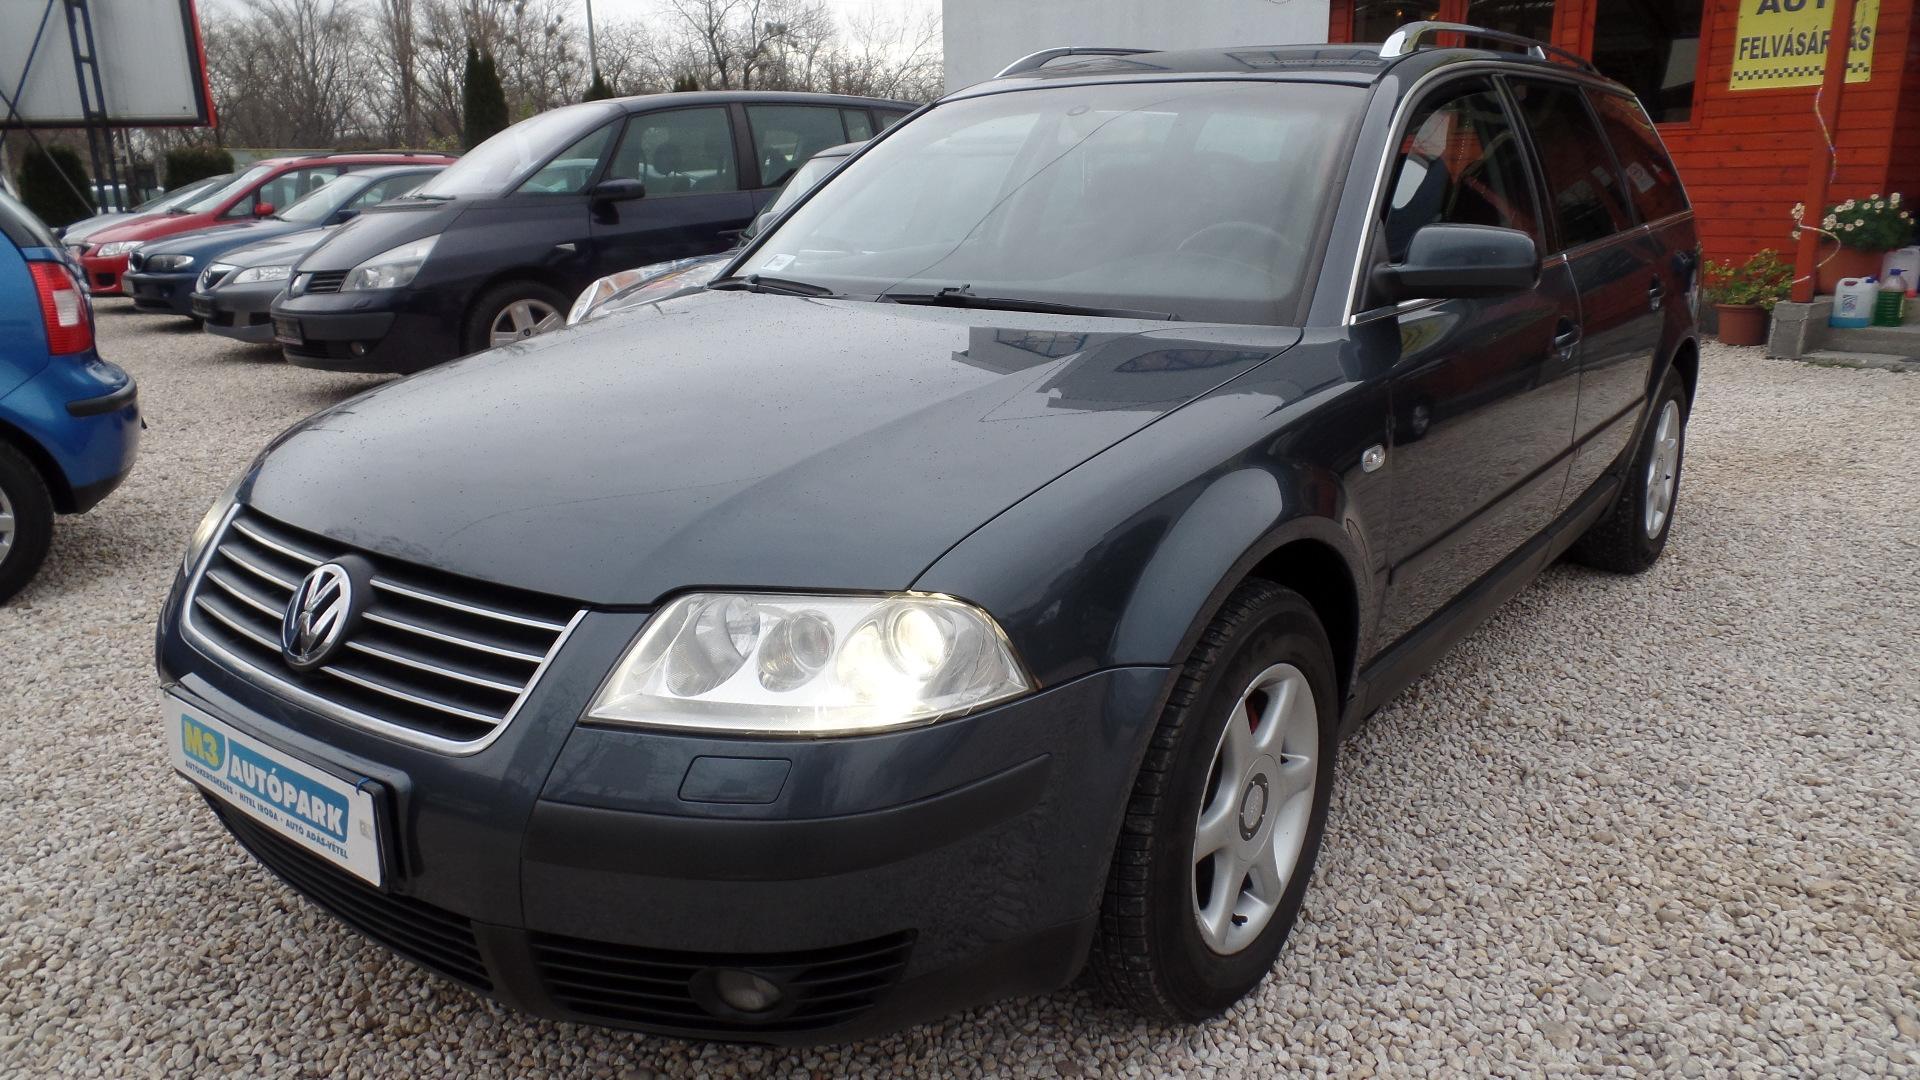 3a1e35230d Használtautó adás-vétel - volkswagen passat 2003 dízel – autófelvásárlás  id2153